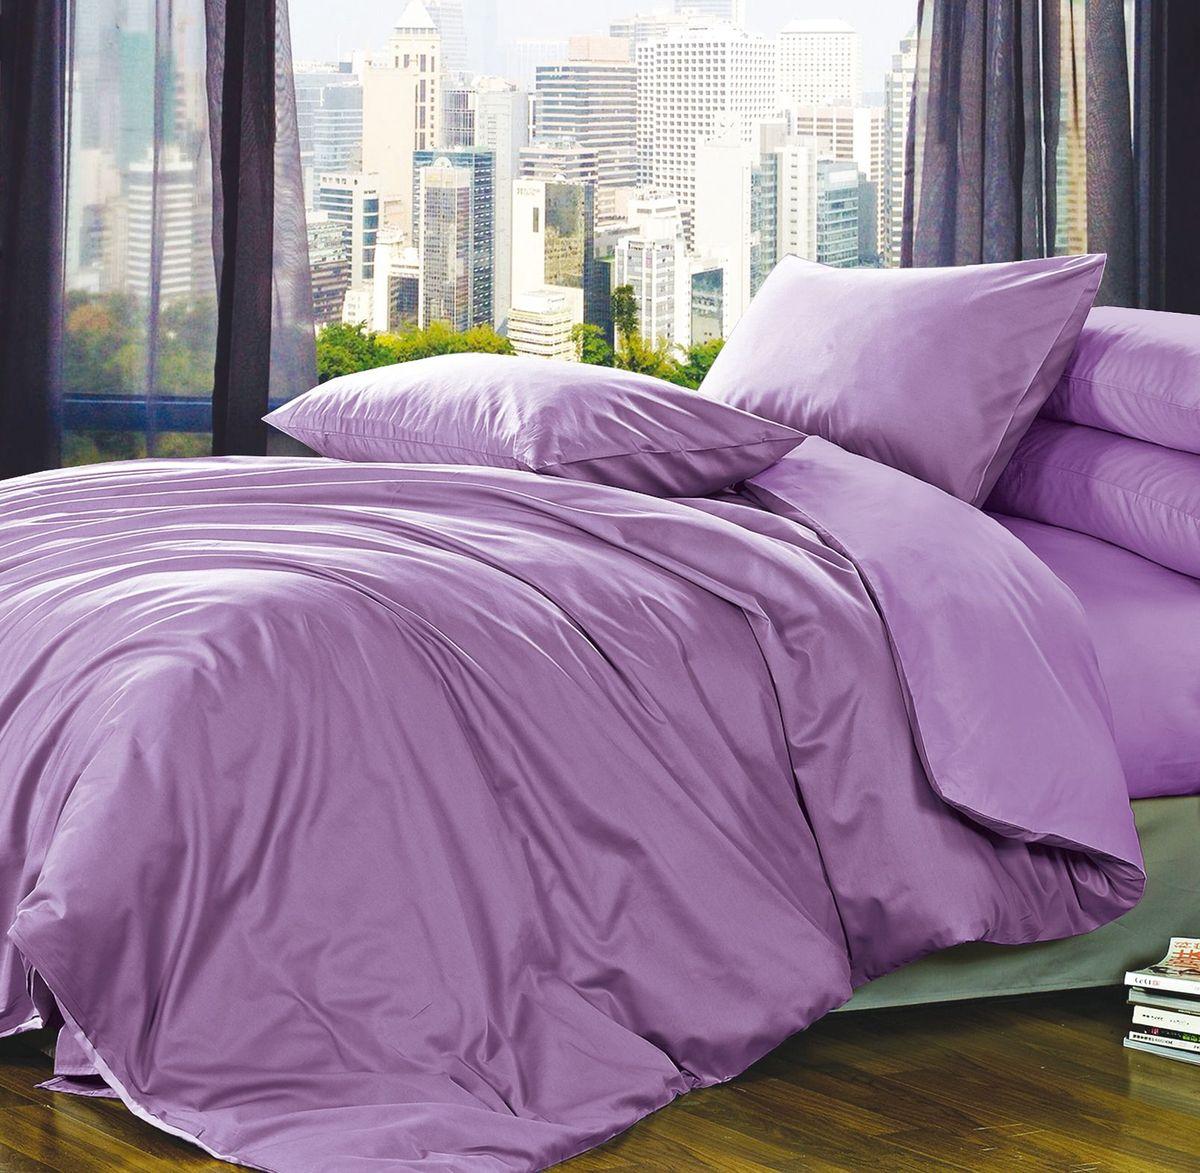 Комплект белья Коллекция Фиолетовый, семейный, наволочки 70x70. ПС5/70/ОЗ/фПС5/70/ОЗ/ф